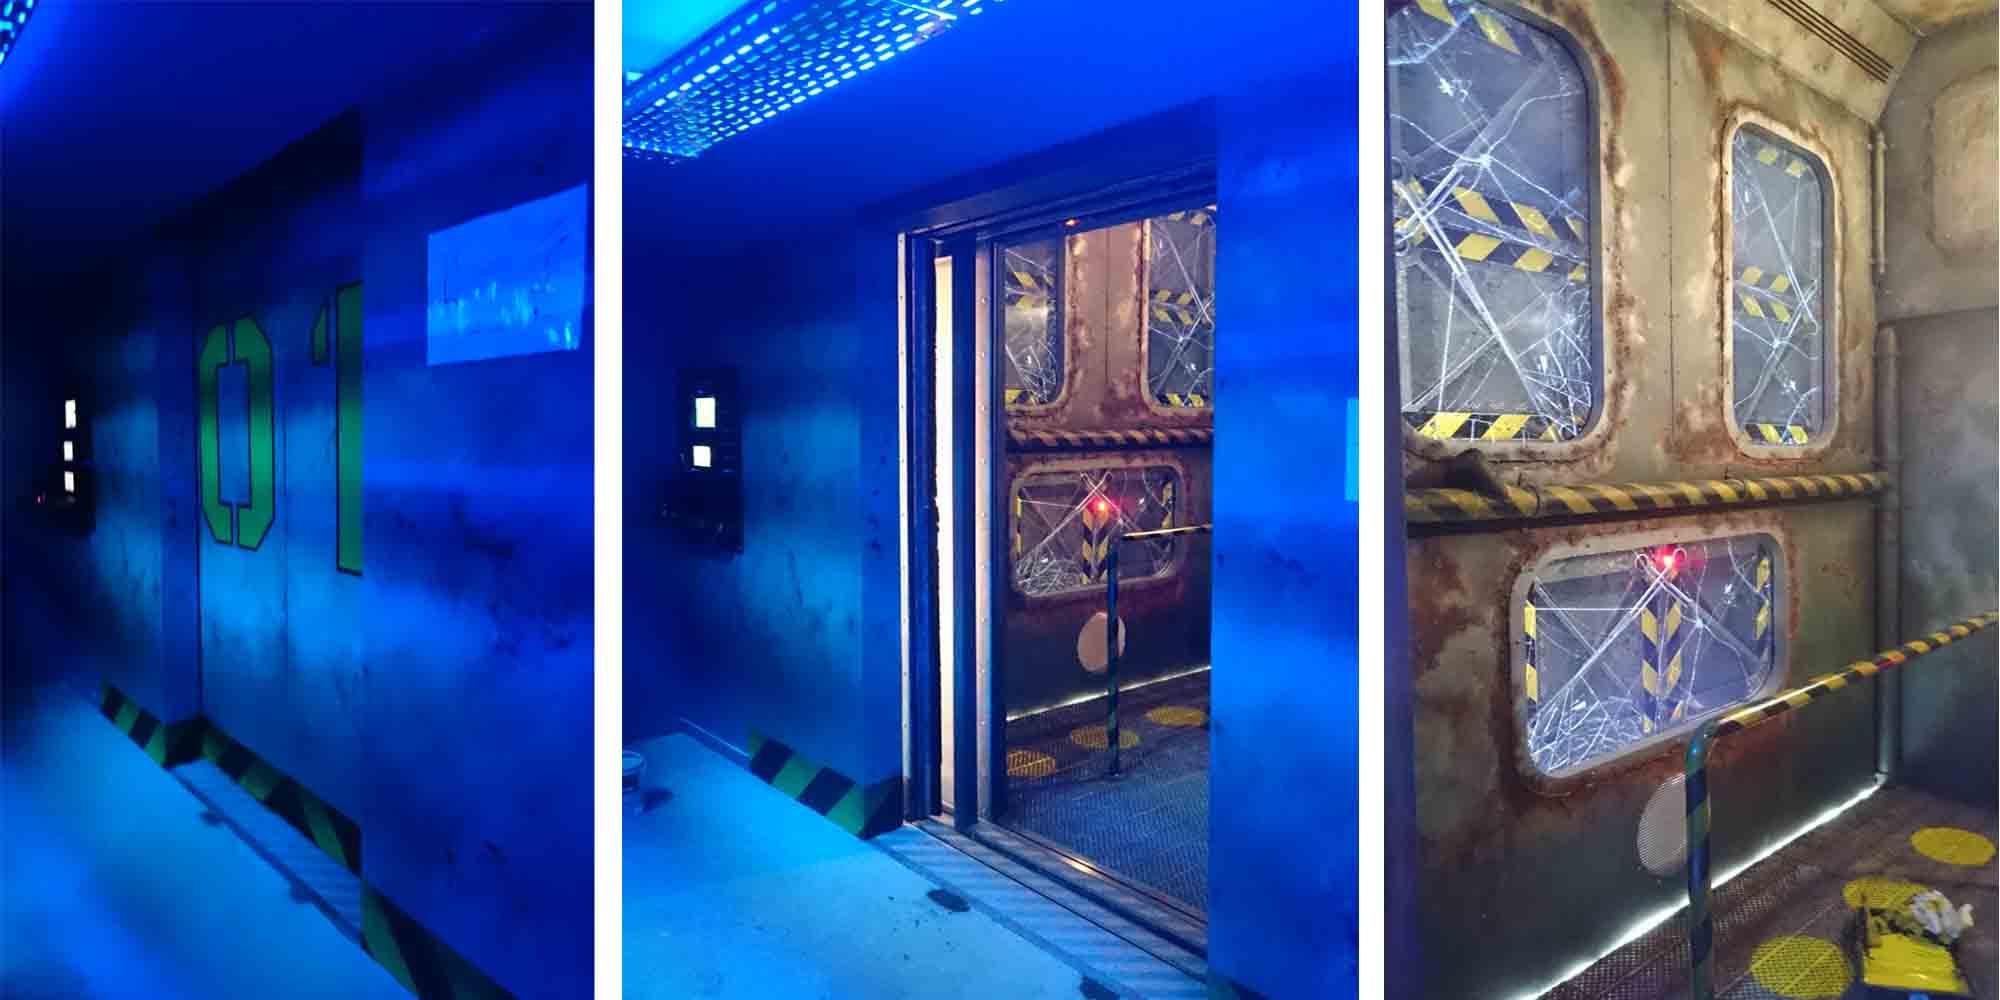 travail de patine décor sur une cabine d'attraction cinétique Abyssal Descender réalisée par CL Corporation